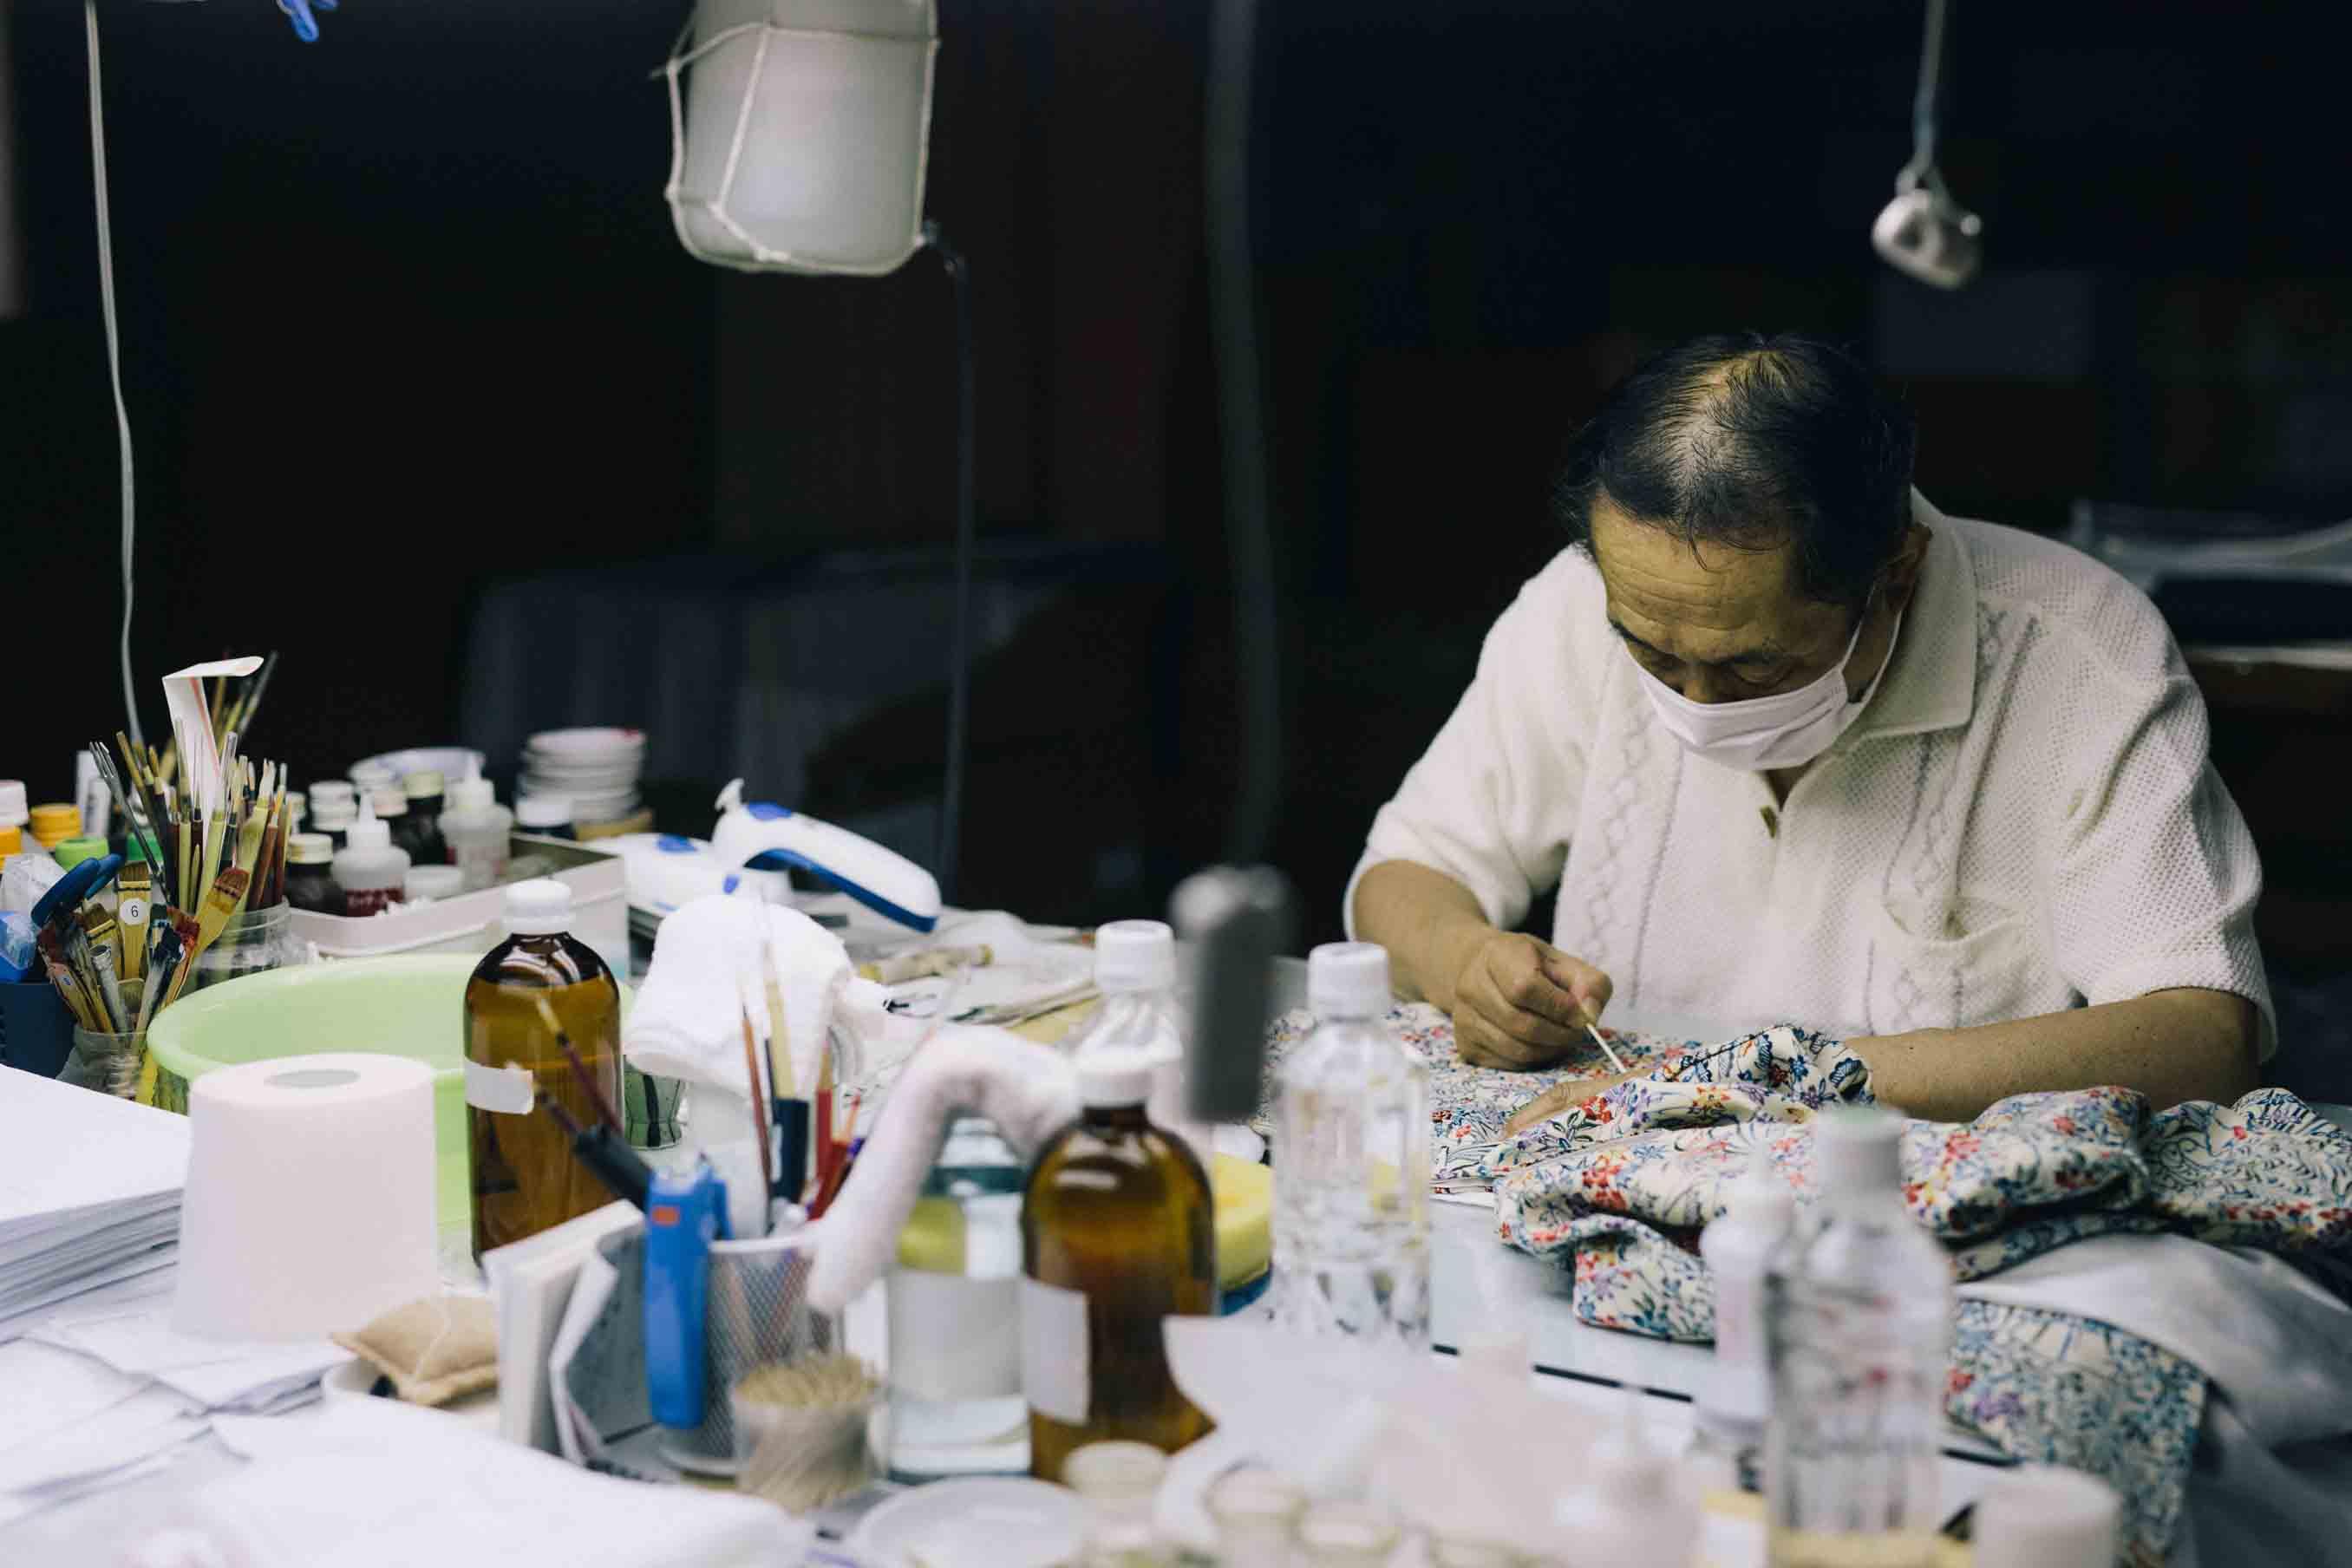 生地と汚れの種類によって使う薬剤や落とし方も様々。机には色々な薬剤や道具が並びます